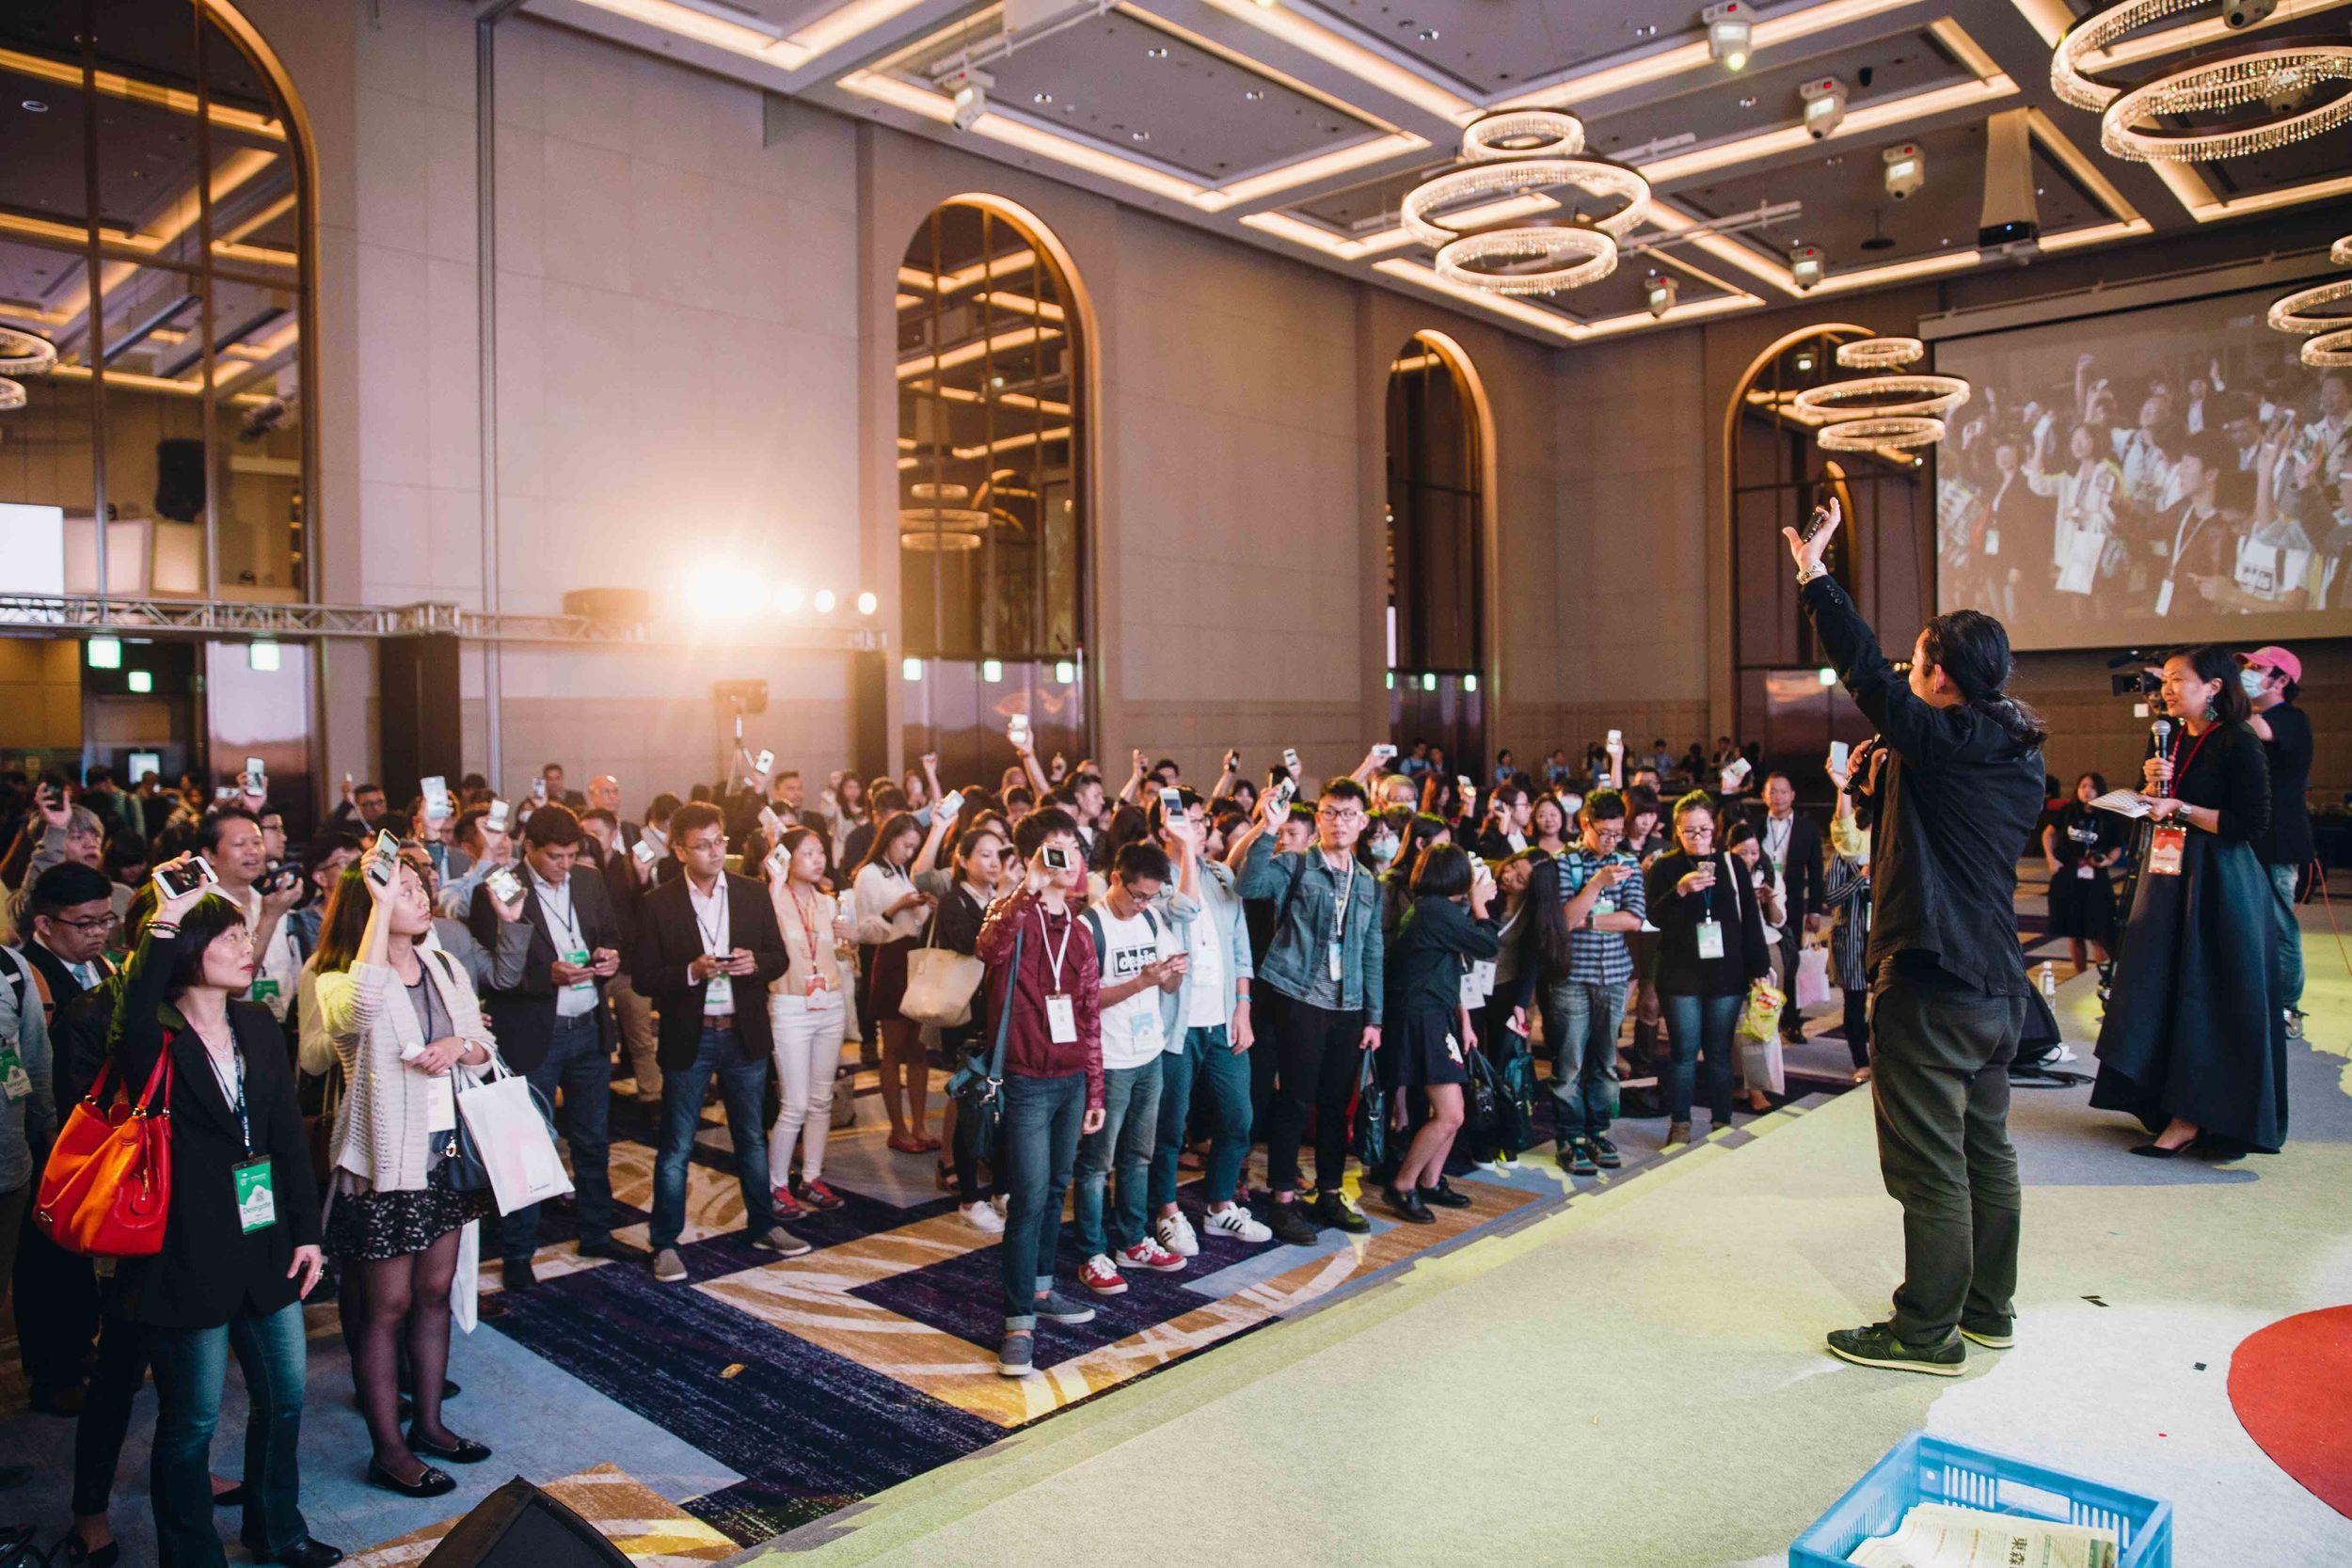 Wuz_newwebsite_event_135.JPG